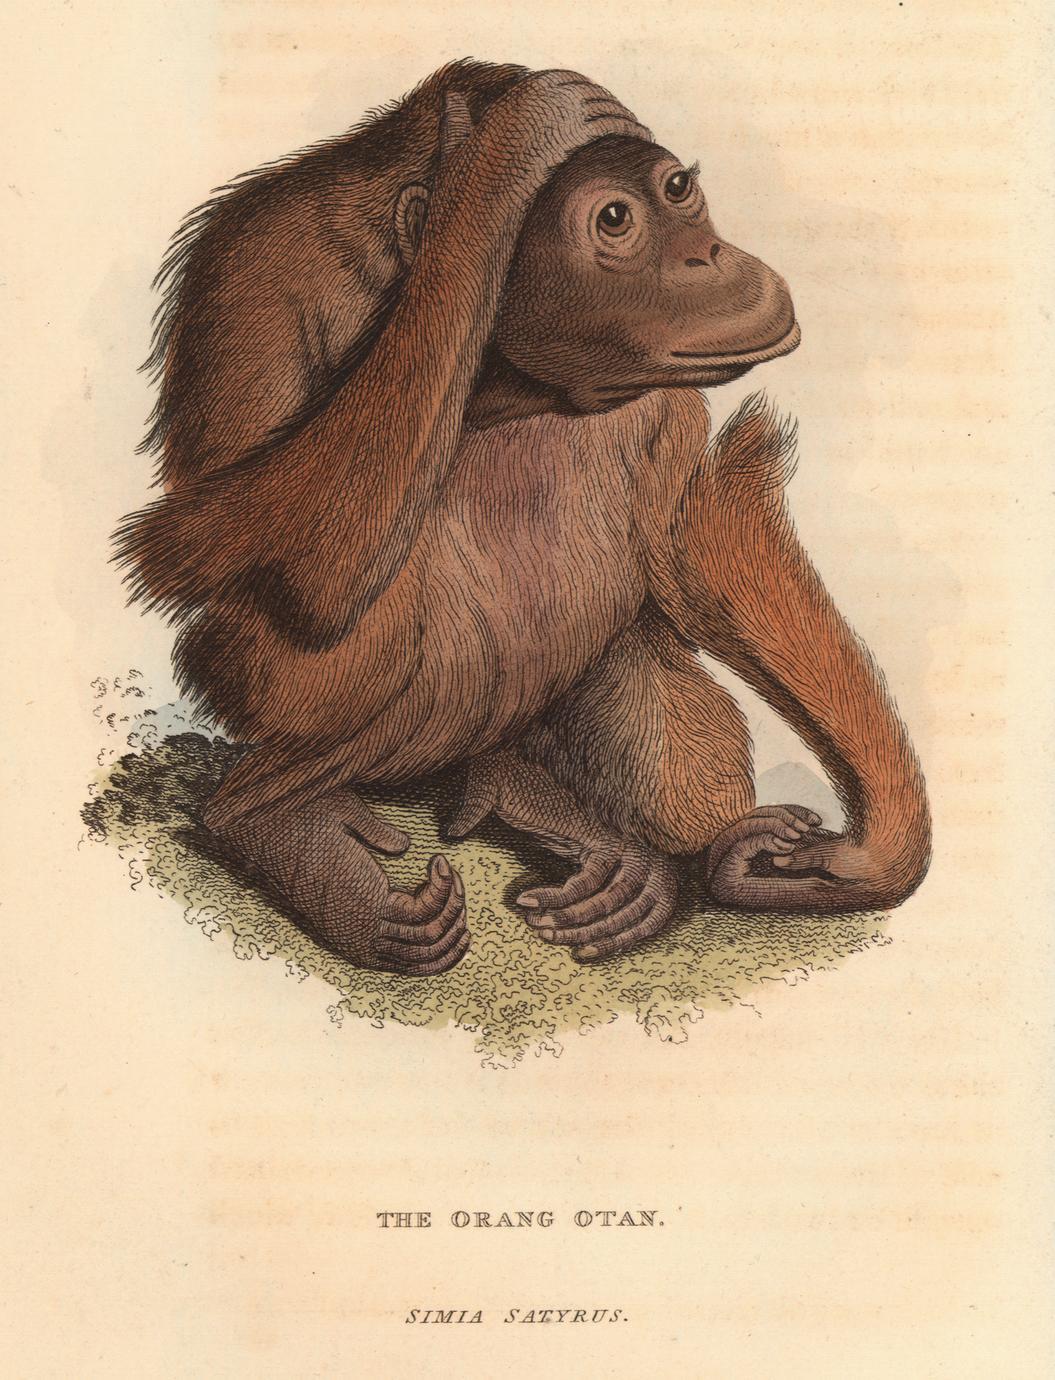 The Orang Otan